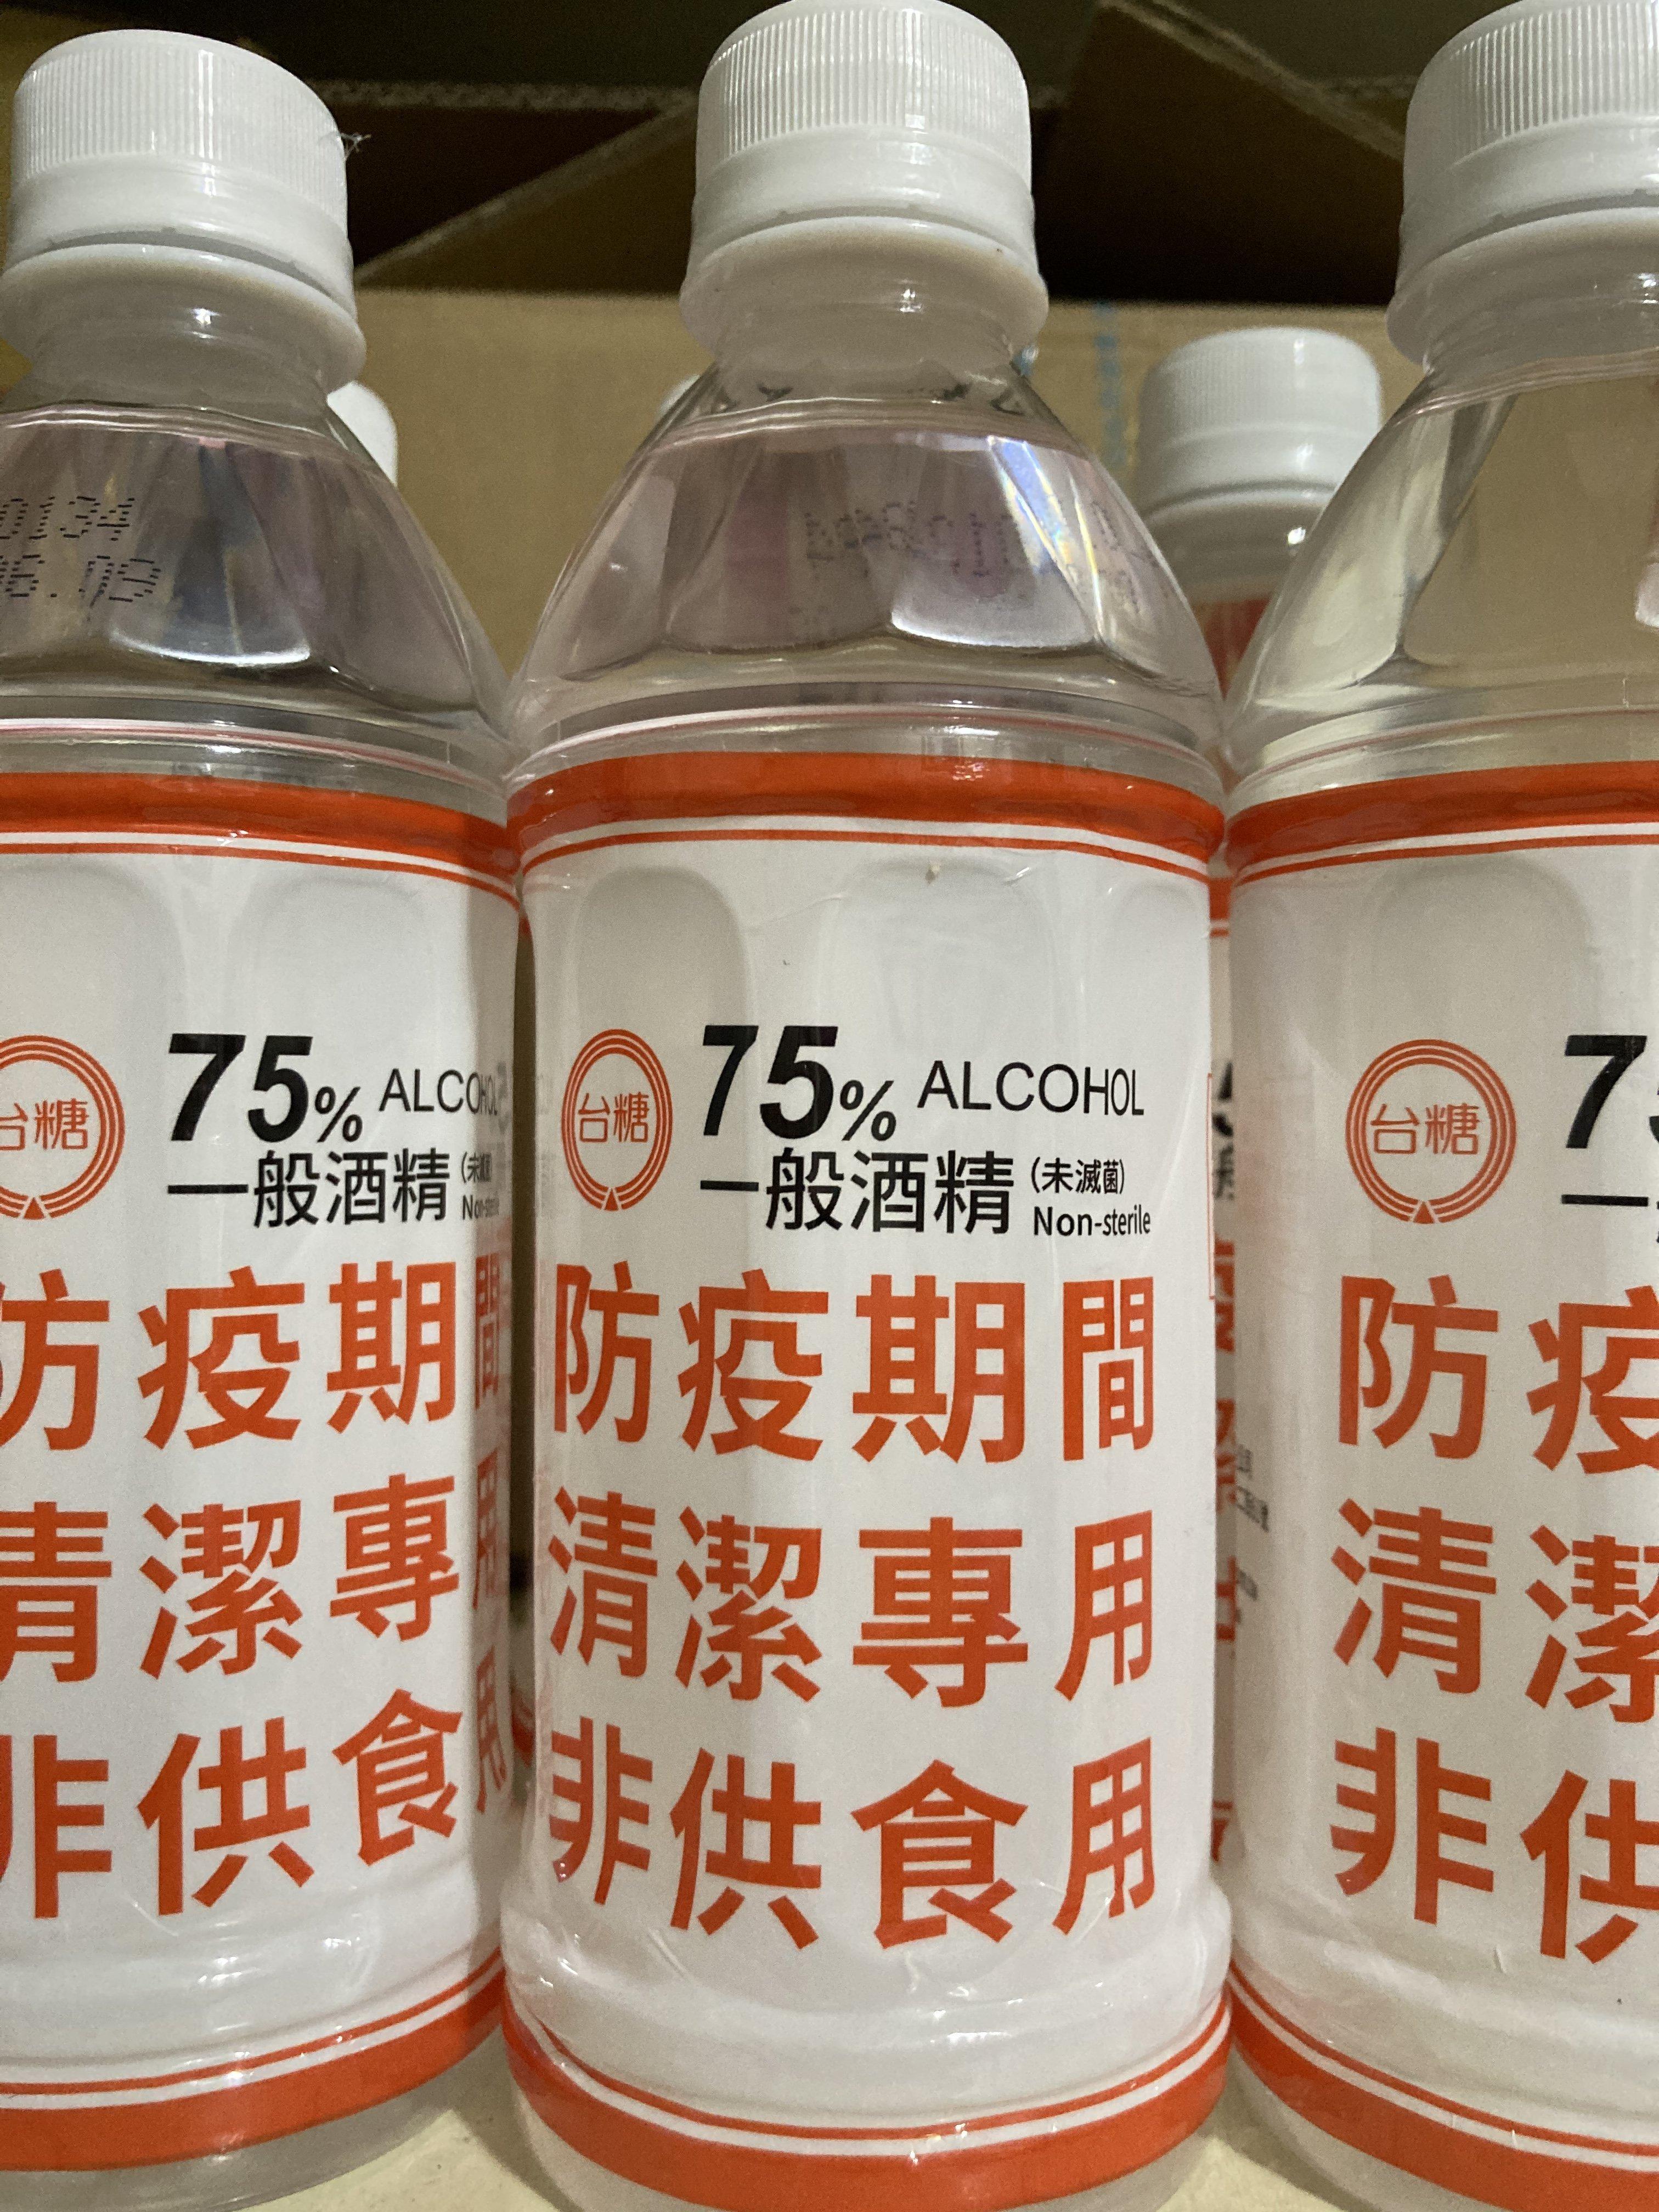 台糖酒精75% 台糖防疫酒精75% 台糖酒精350ml 防疫酒精 消毒酒精 台酒酒精75%